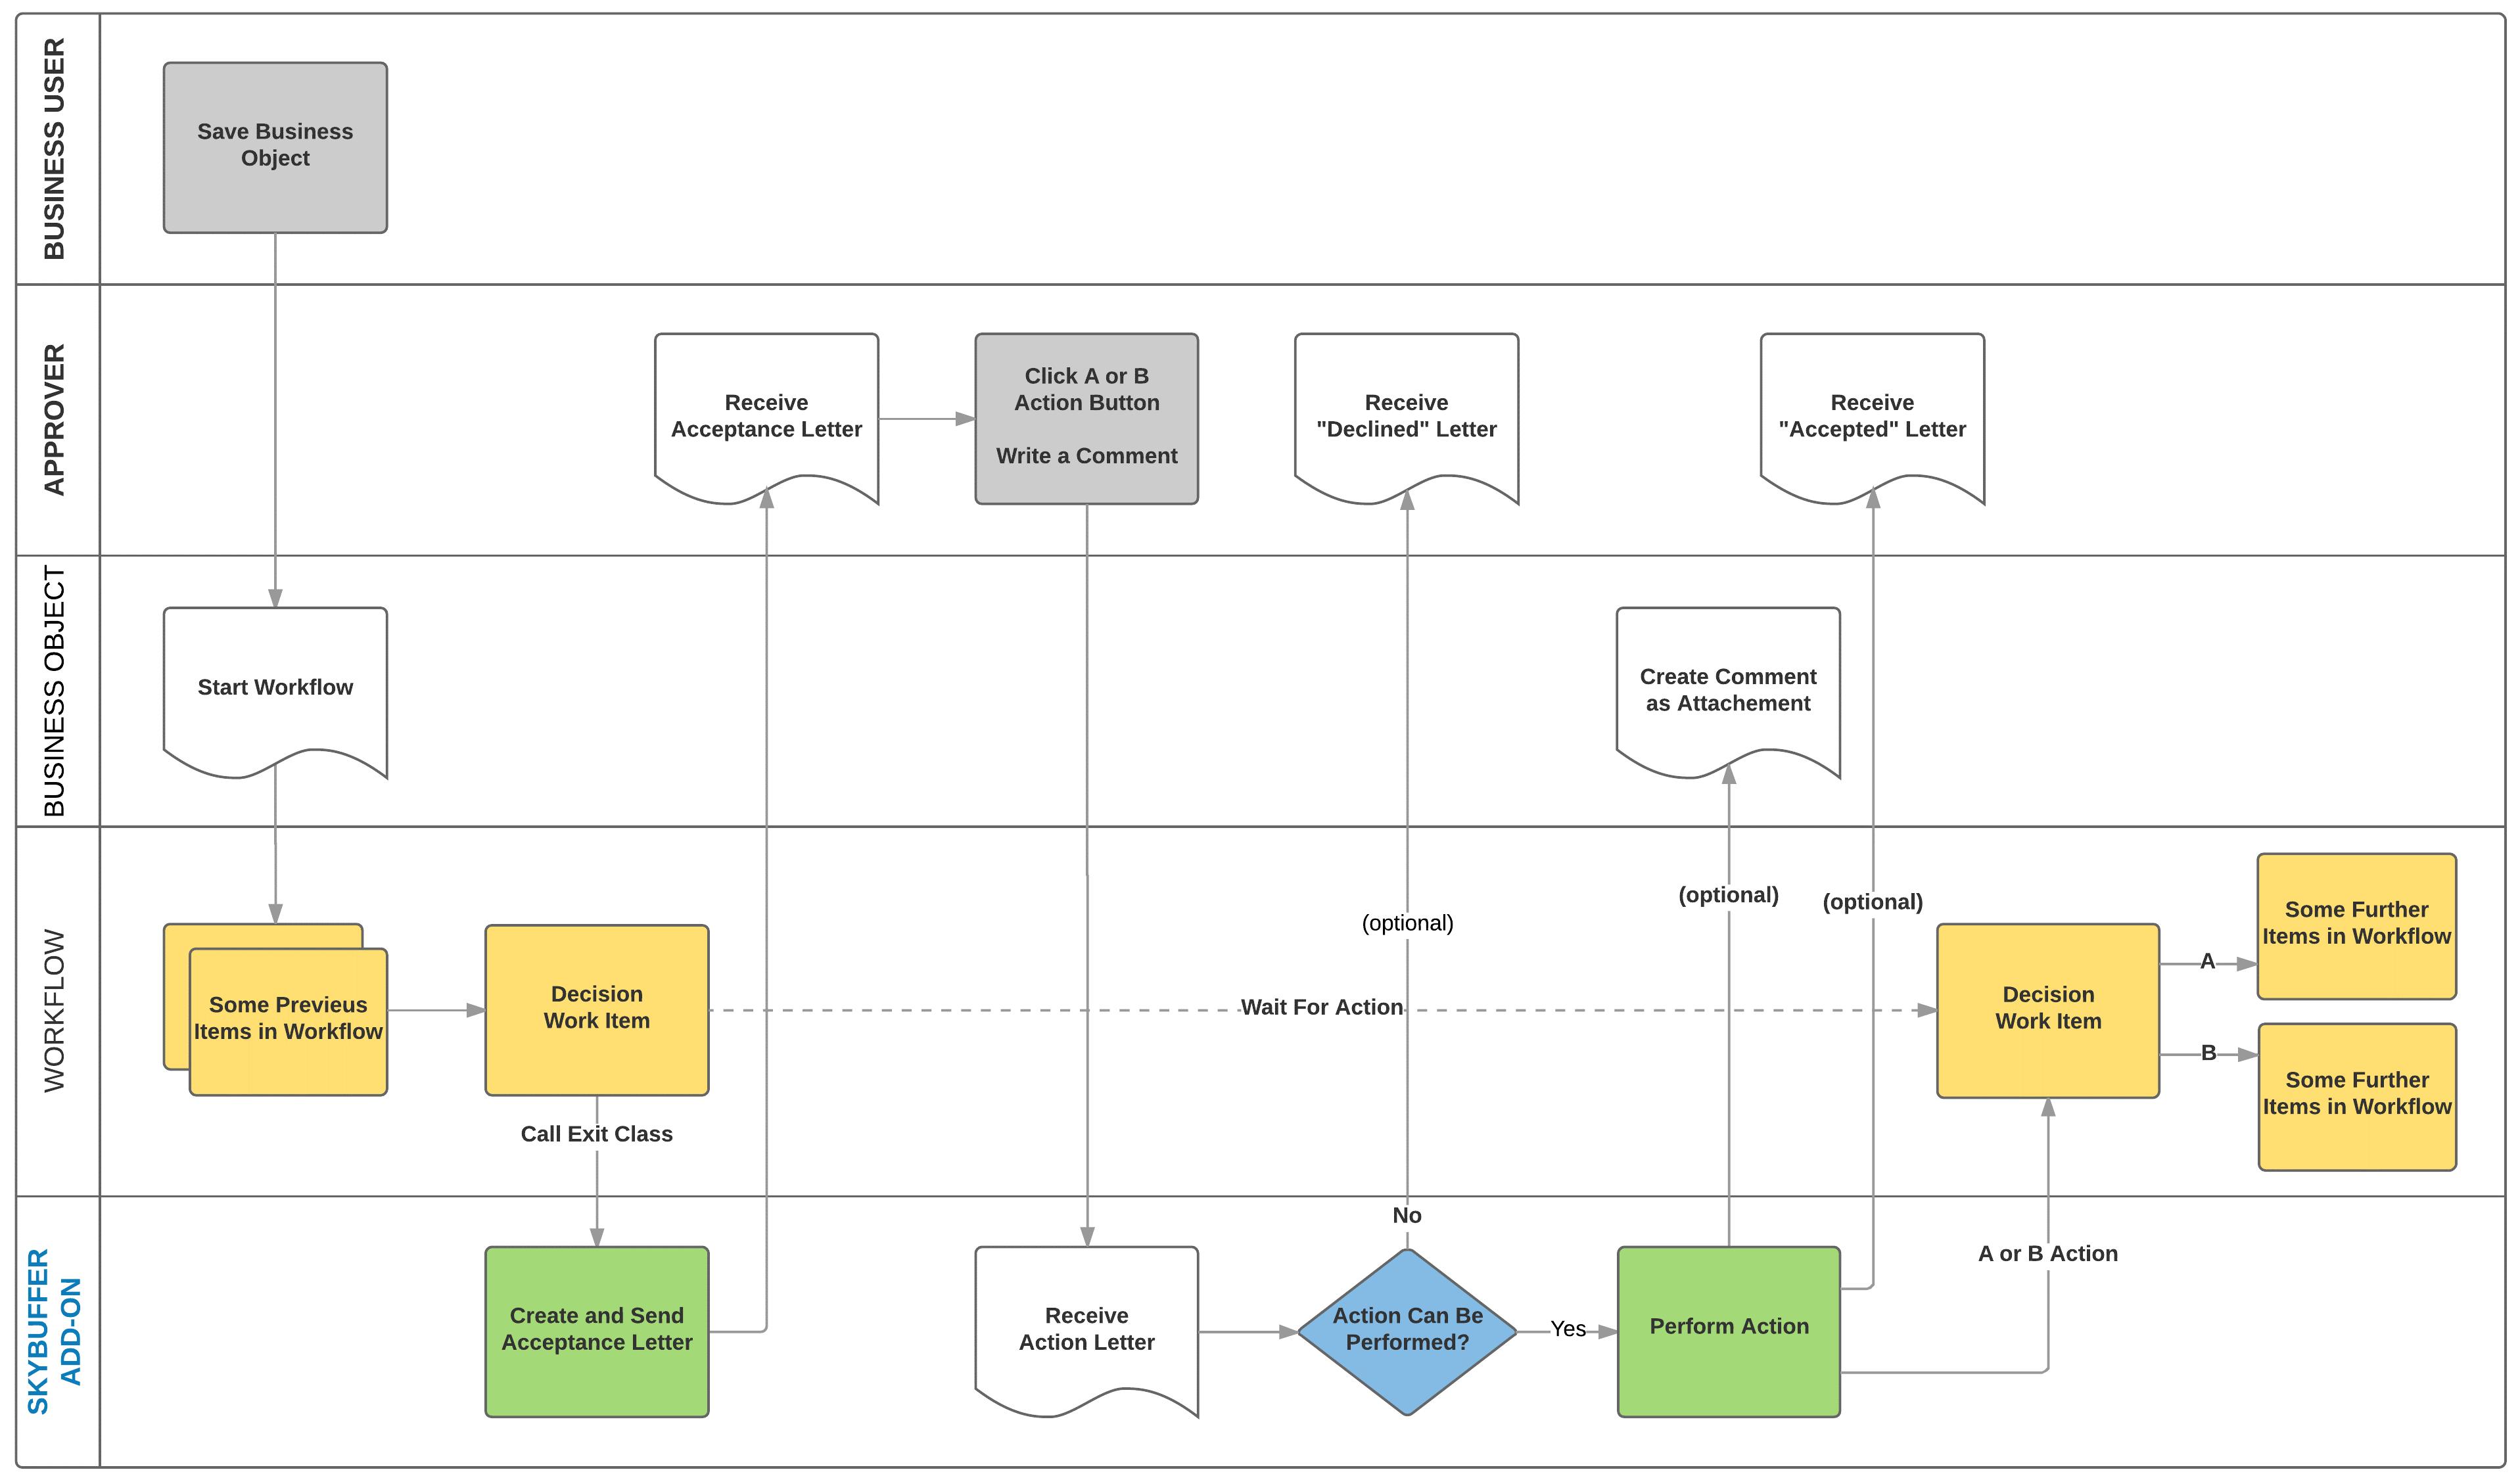 yca1_architecture_01